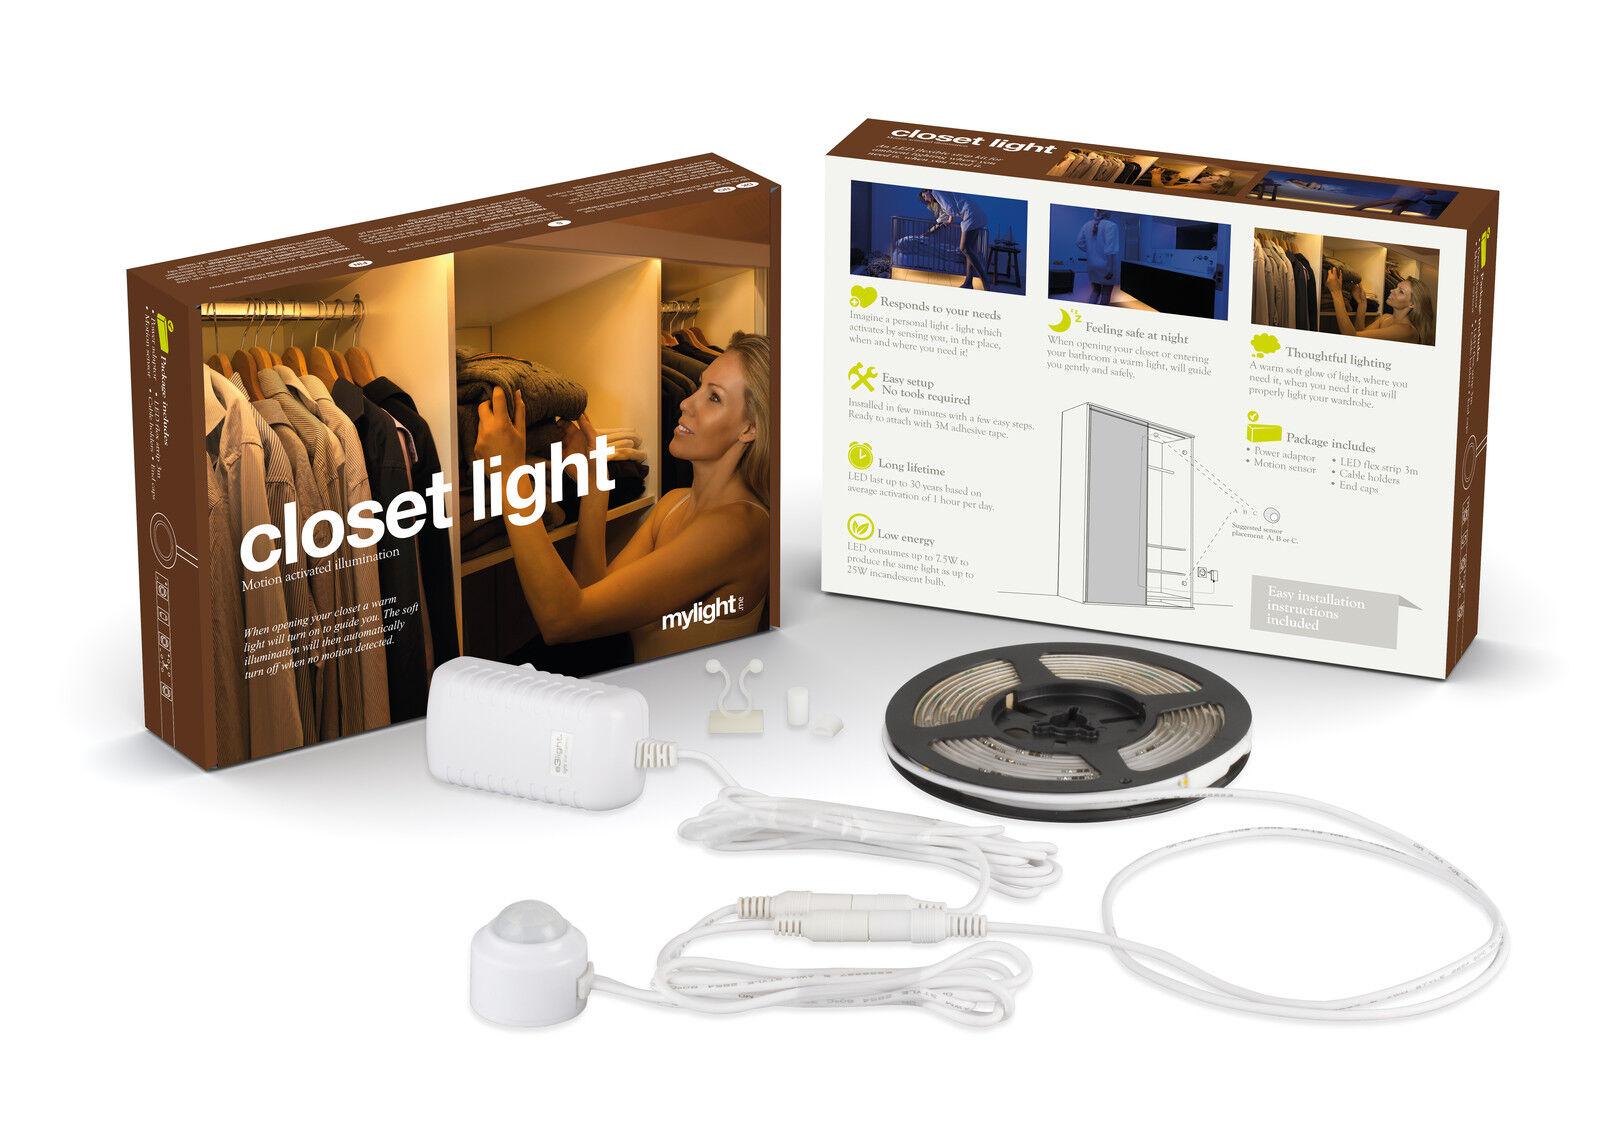 kleiderschrank licht 1 x 3m led nachtlicht schlafzimmerlicht k che bad bett eur 49 90. Black Bedroom Furniture Sets. Home Design Ideas